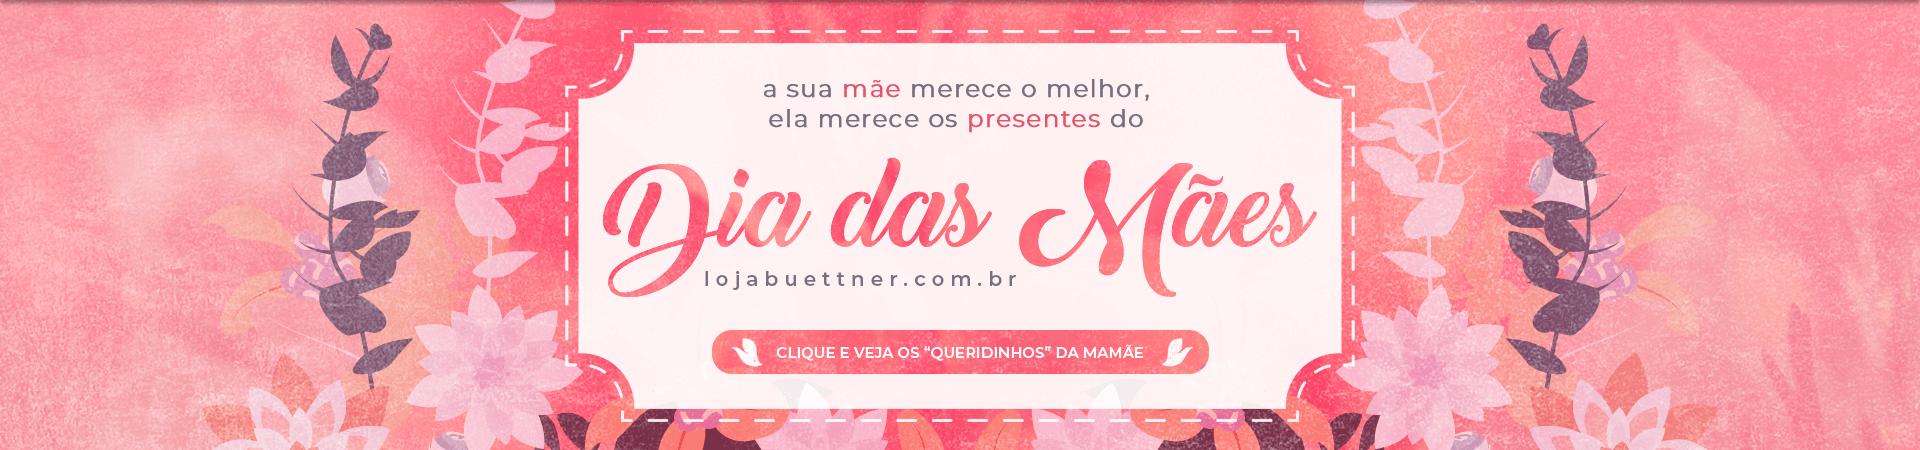 A sua Mãe merece o melhor, ela merece presentes do Dia da Mães Loja Buettner | Aproveite!!